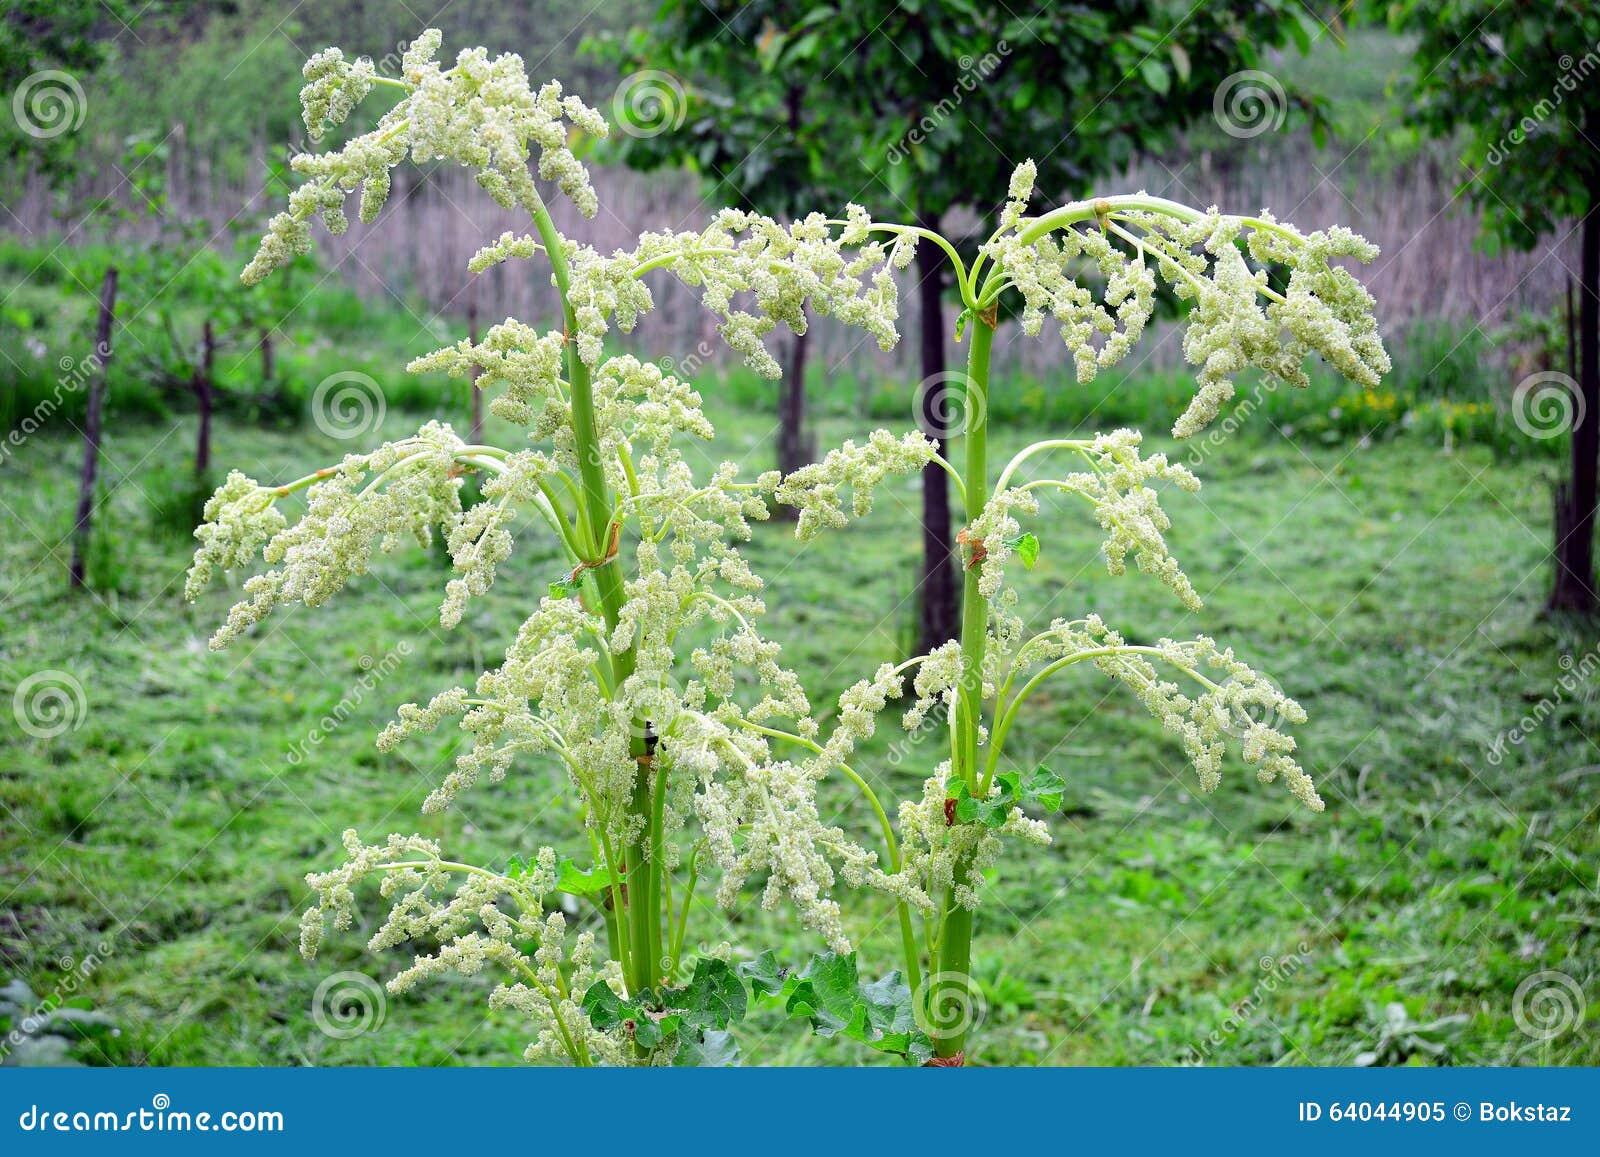 Fleur Blanche De Fleur De Rhubarbe Dans Le Jardin Image Stock